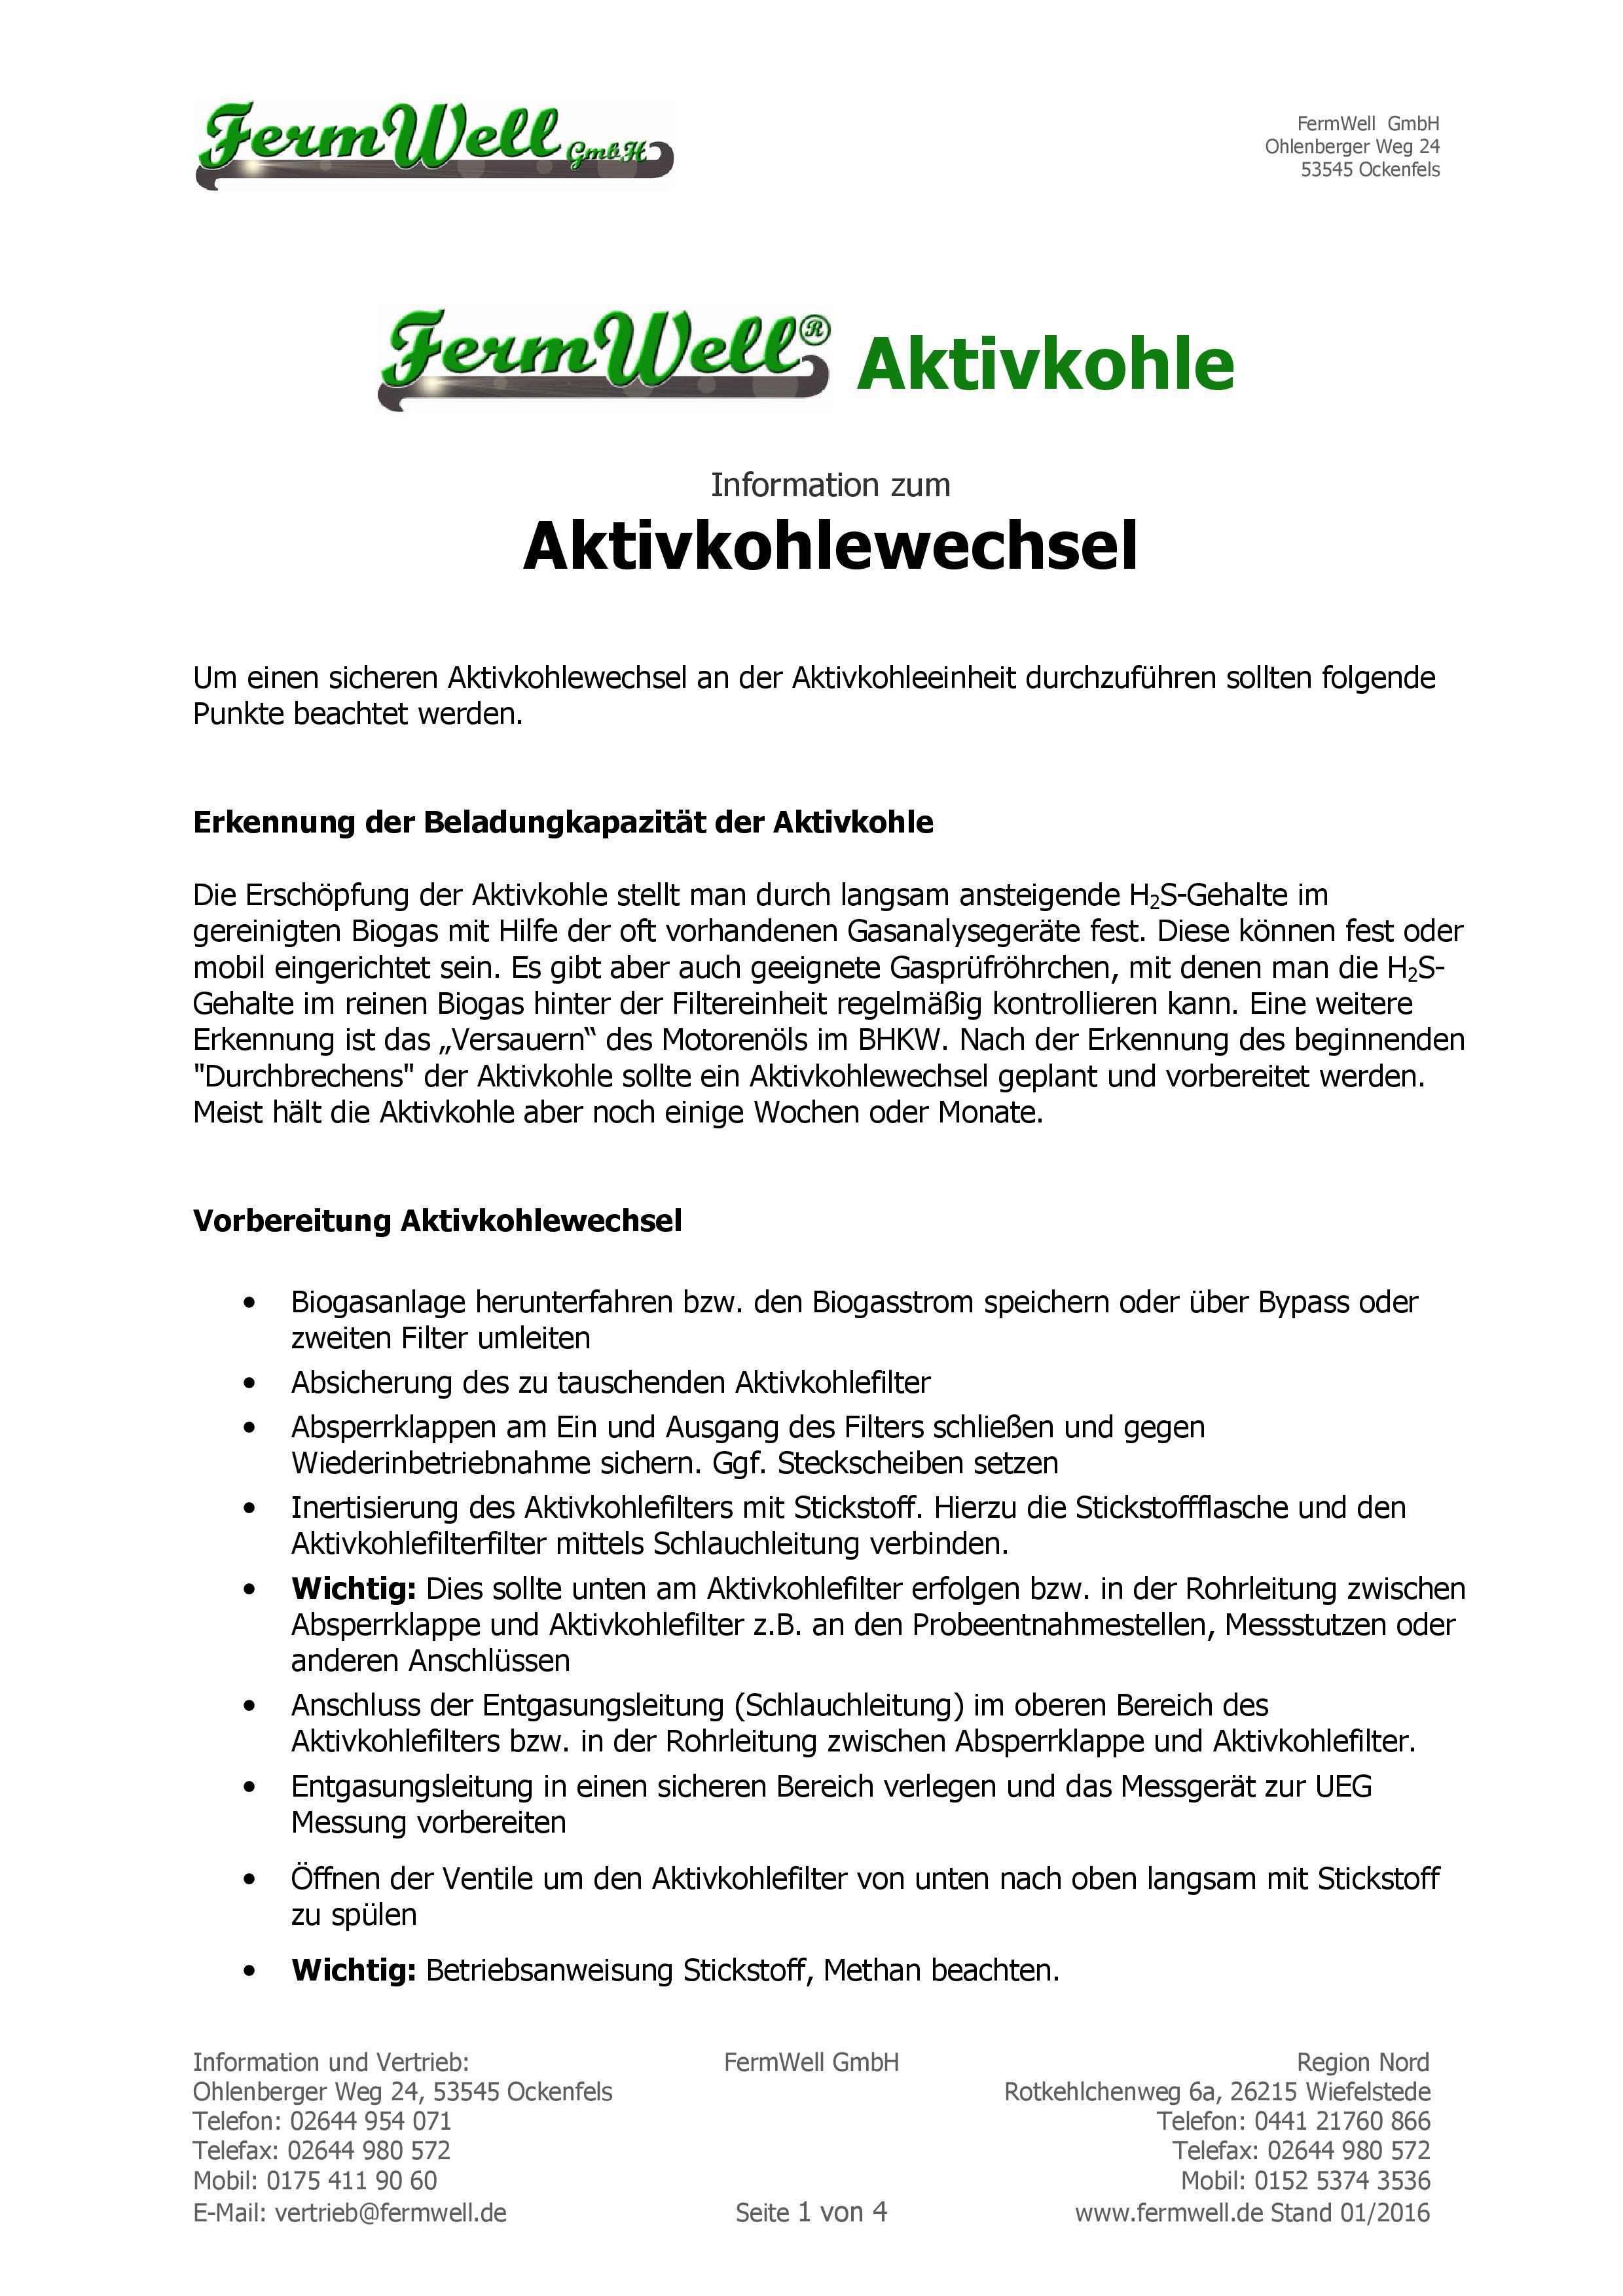 FWG_Aktivkohle_Merkbl_Wechsel_1611-page-